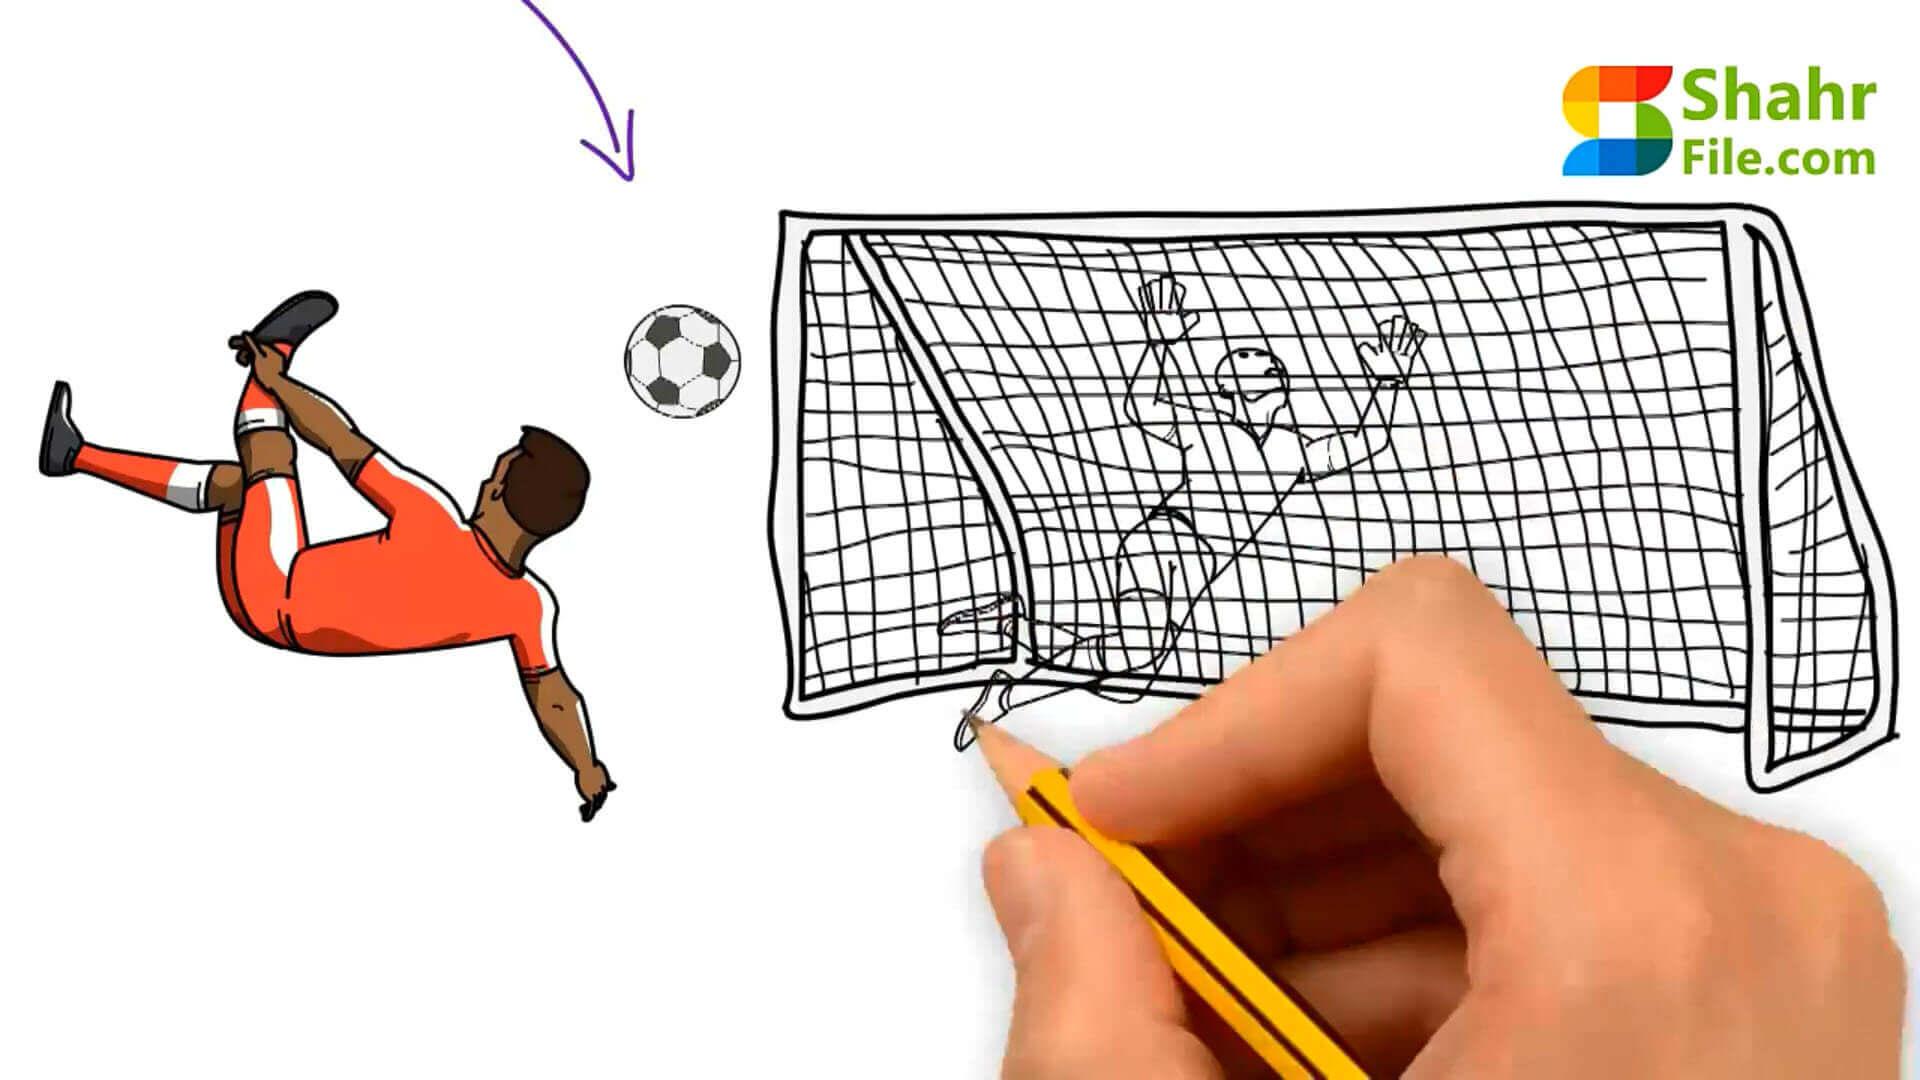 آموزش انیمشن سازی داستانی آموزش نرم افزار Video Scribe آموزش ویدیو اسکرایب (1)